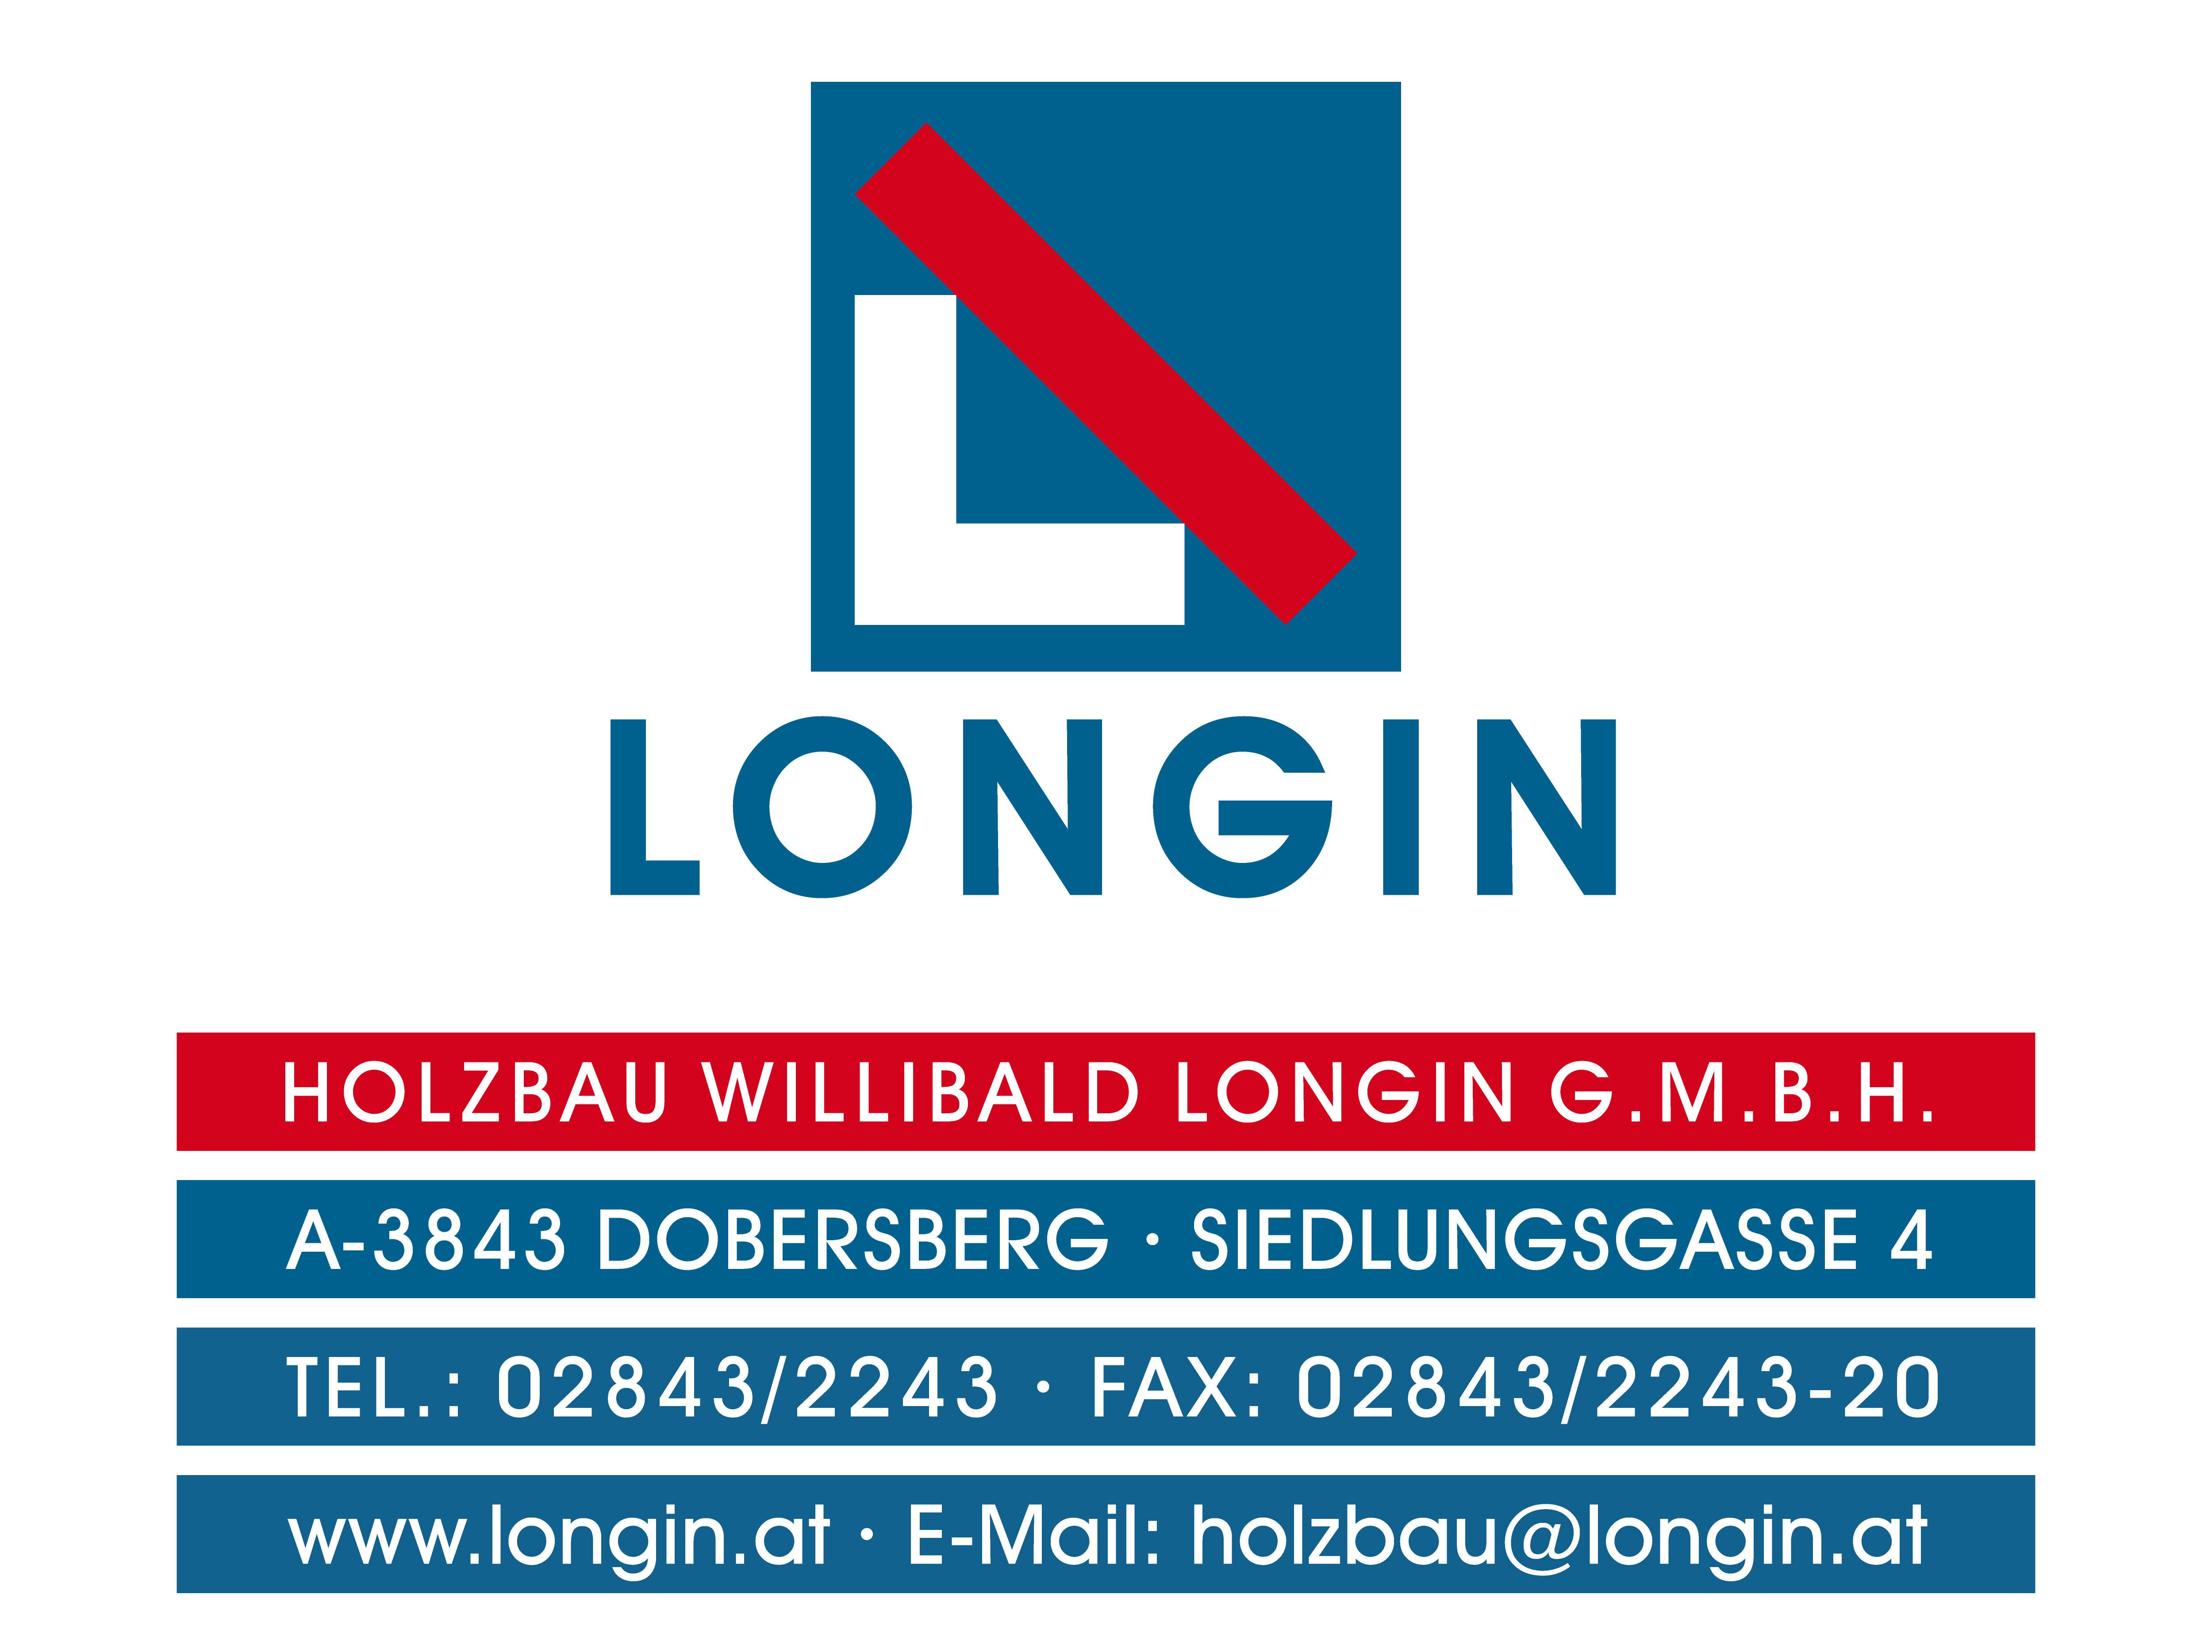 Holzbau Willibald Longin GmbH